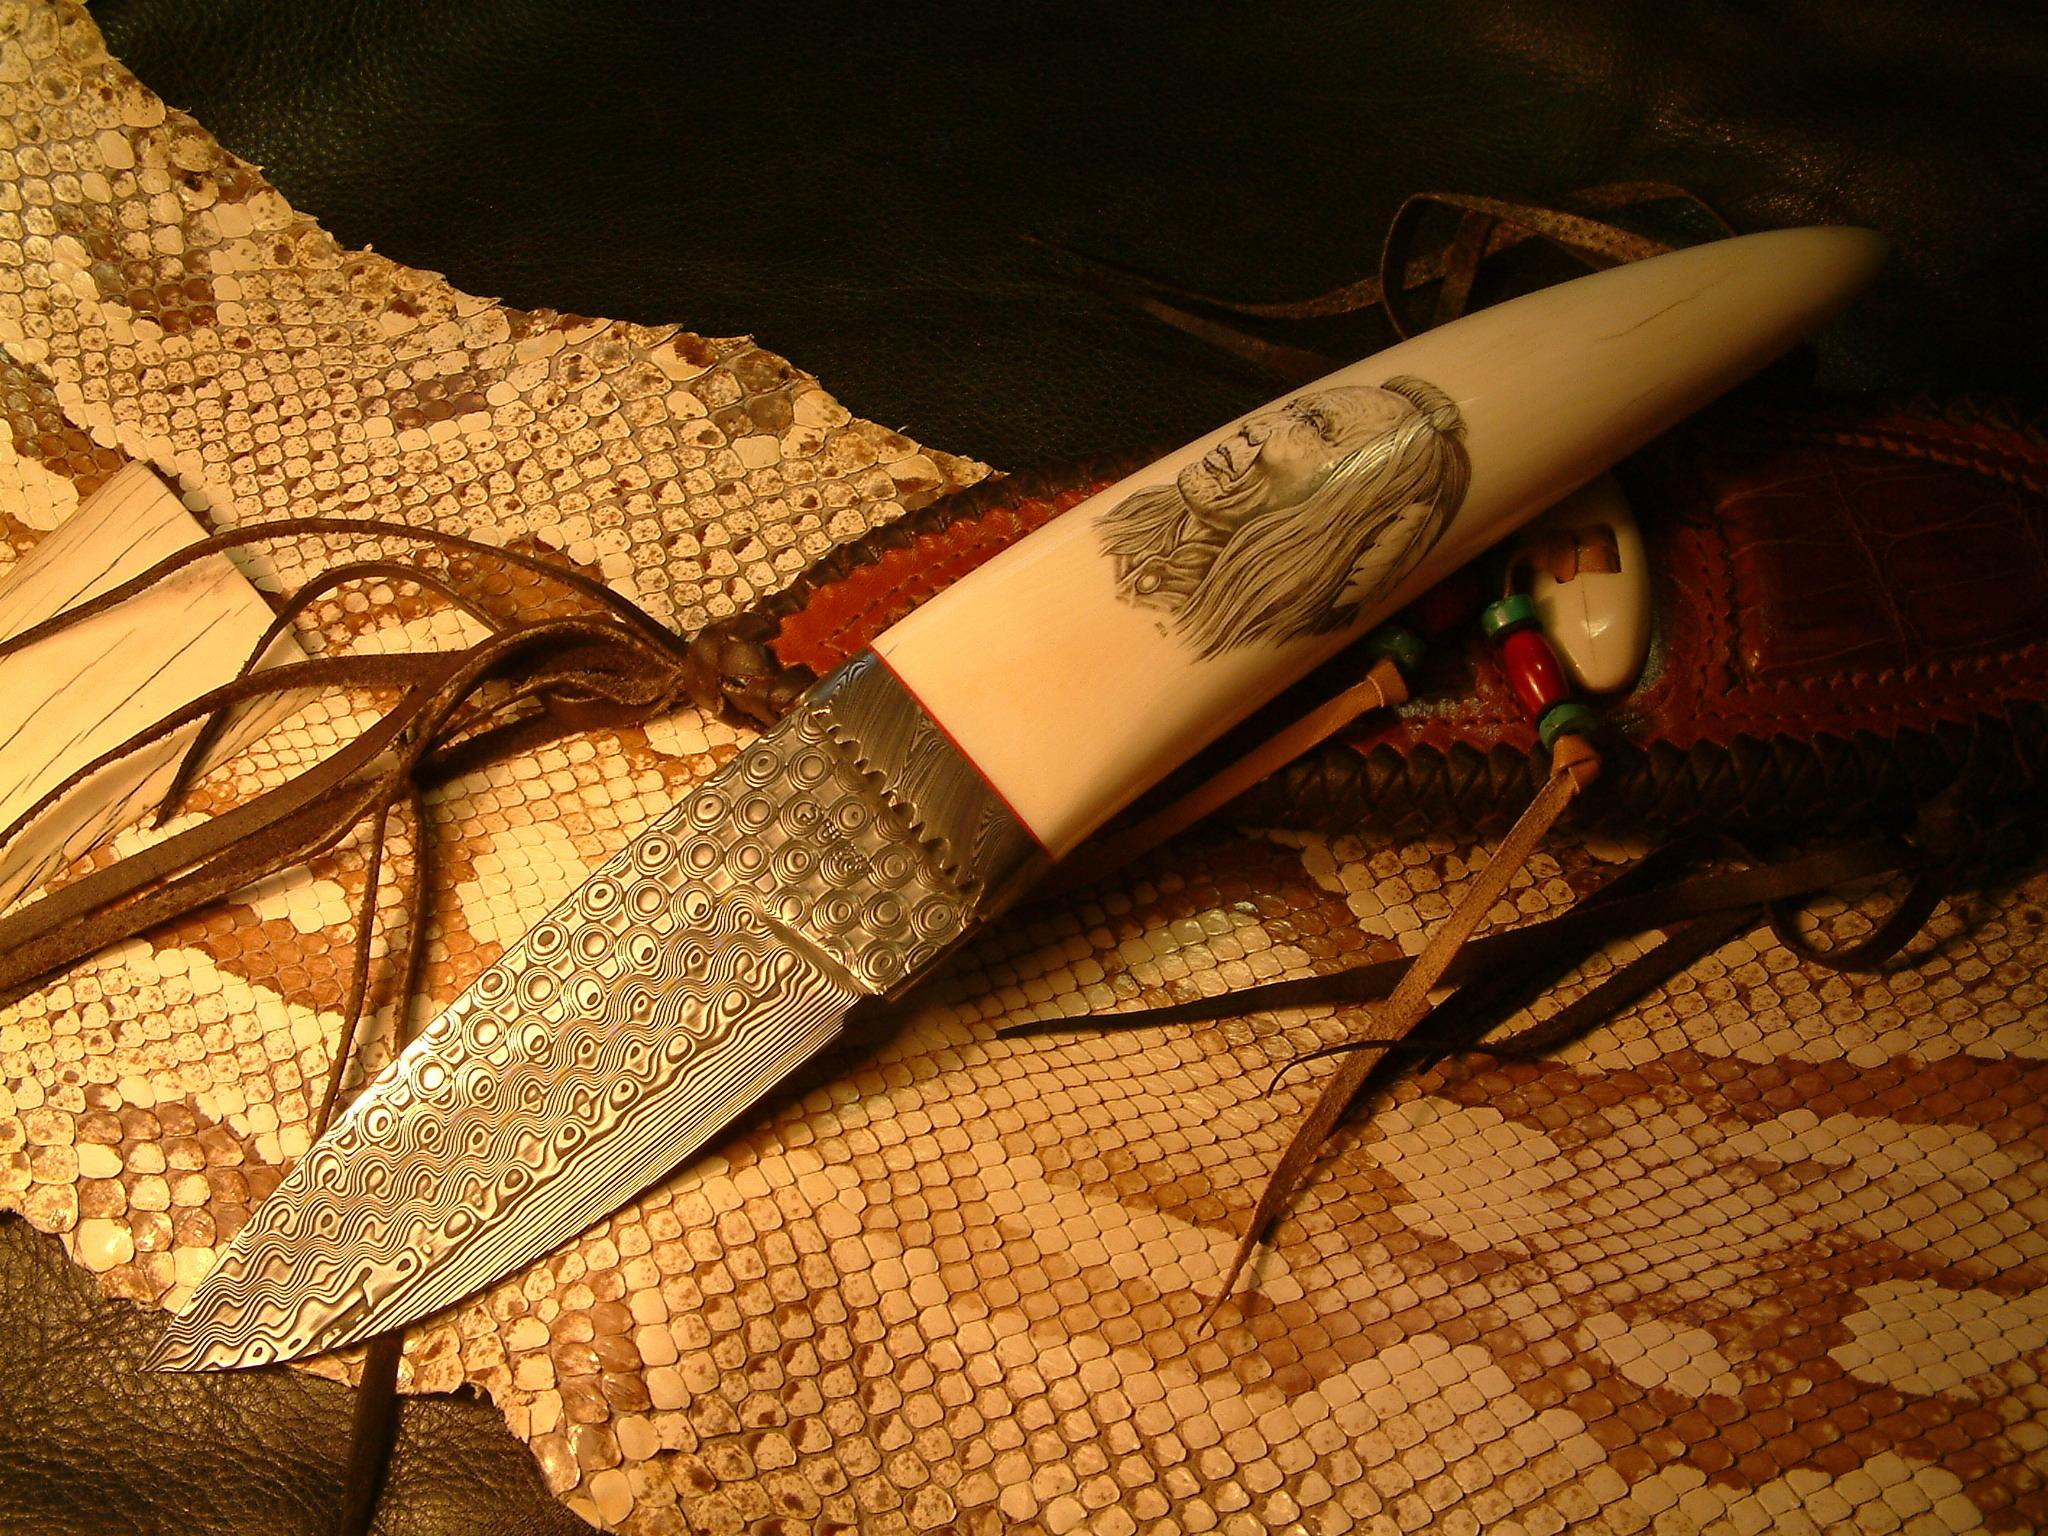 Нож в земле без смс